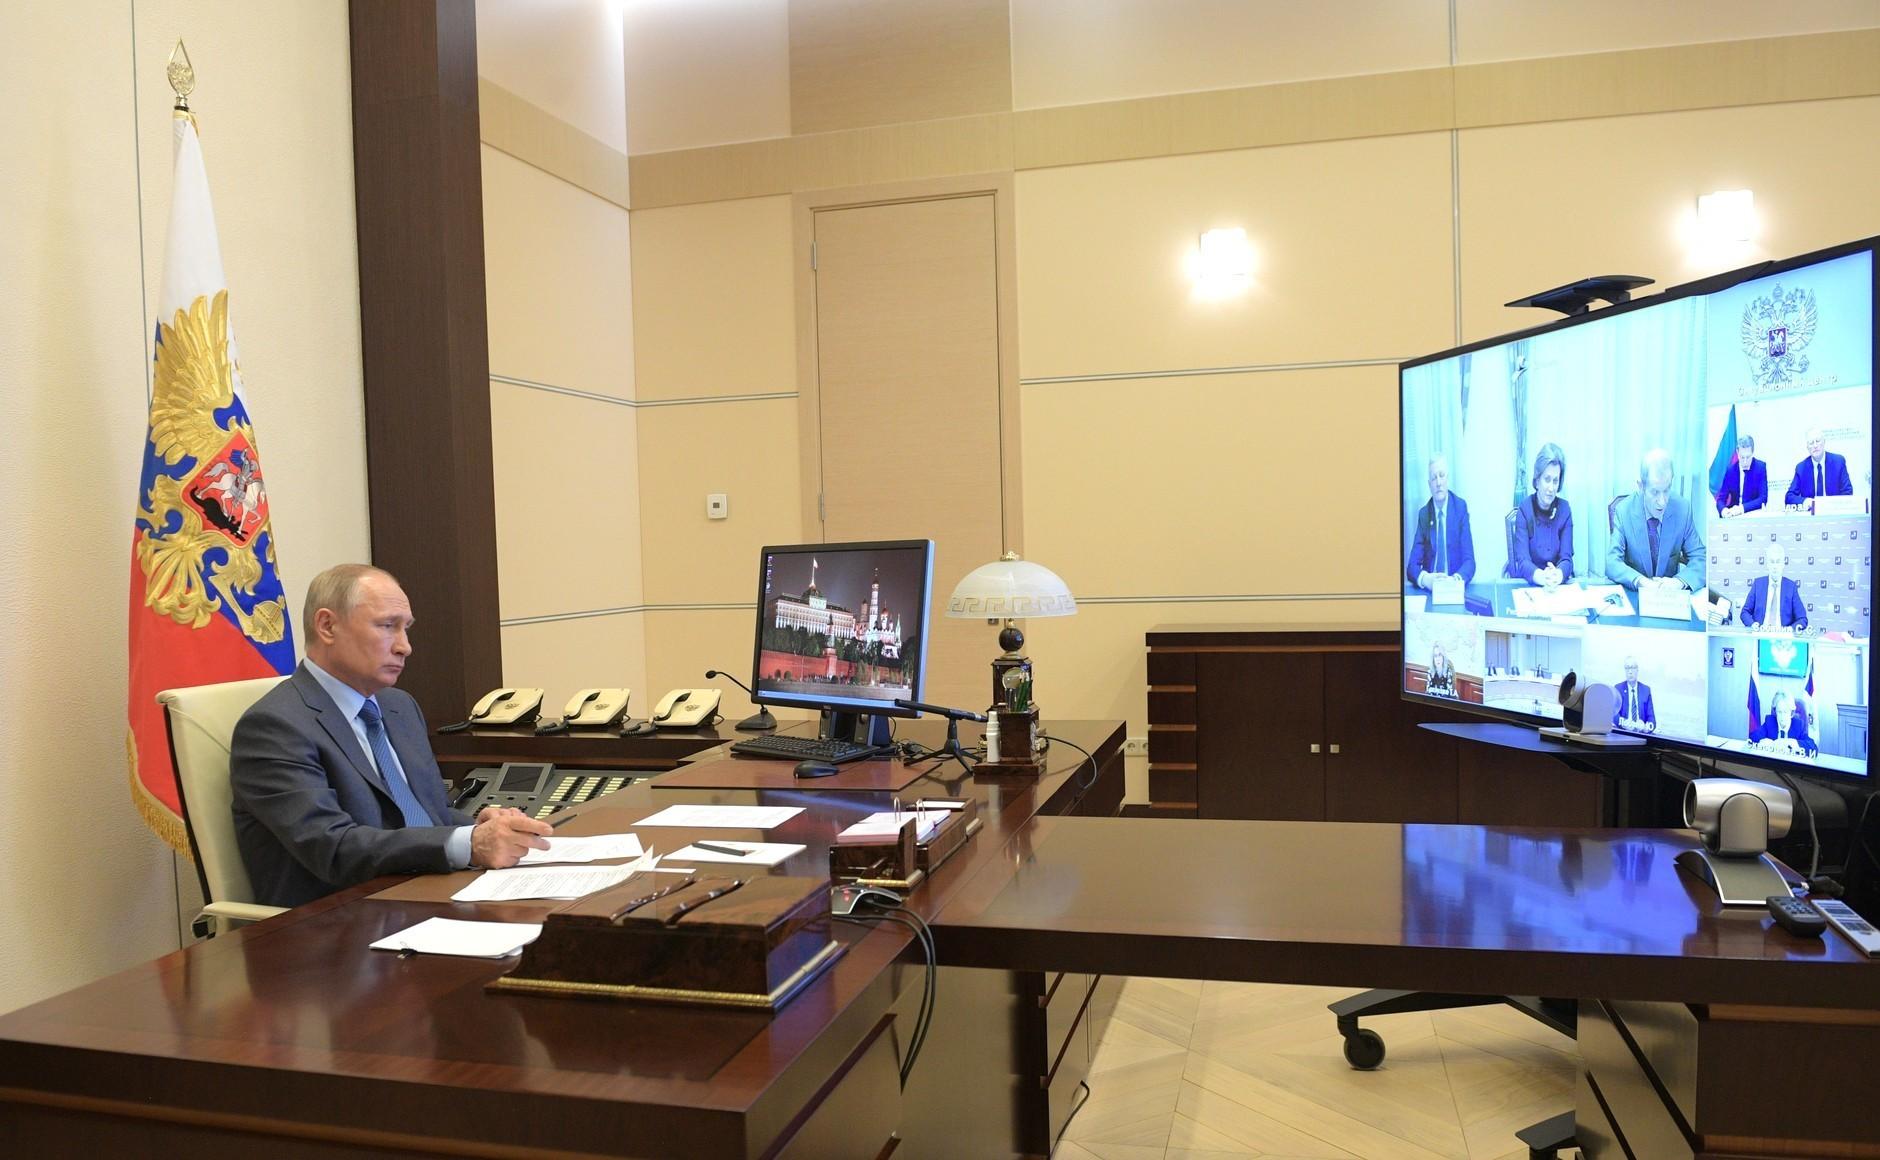 Владимир Путин на состанокот посветен на санитарно-епидемиолошката ситуација во Русија